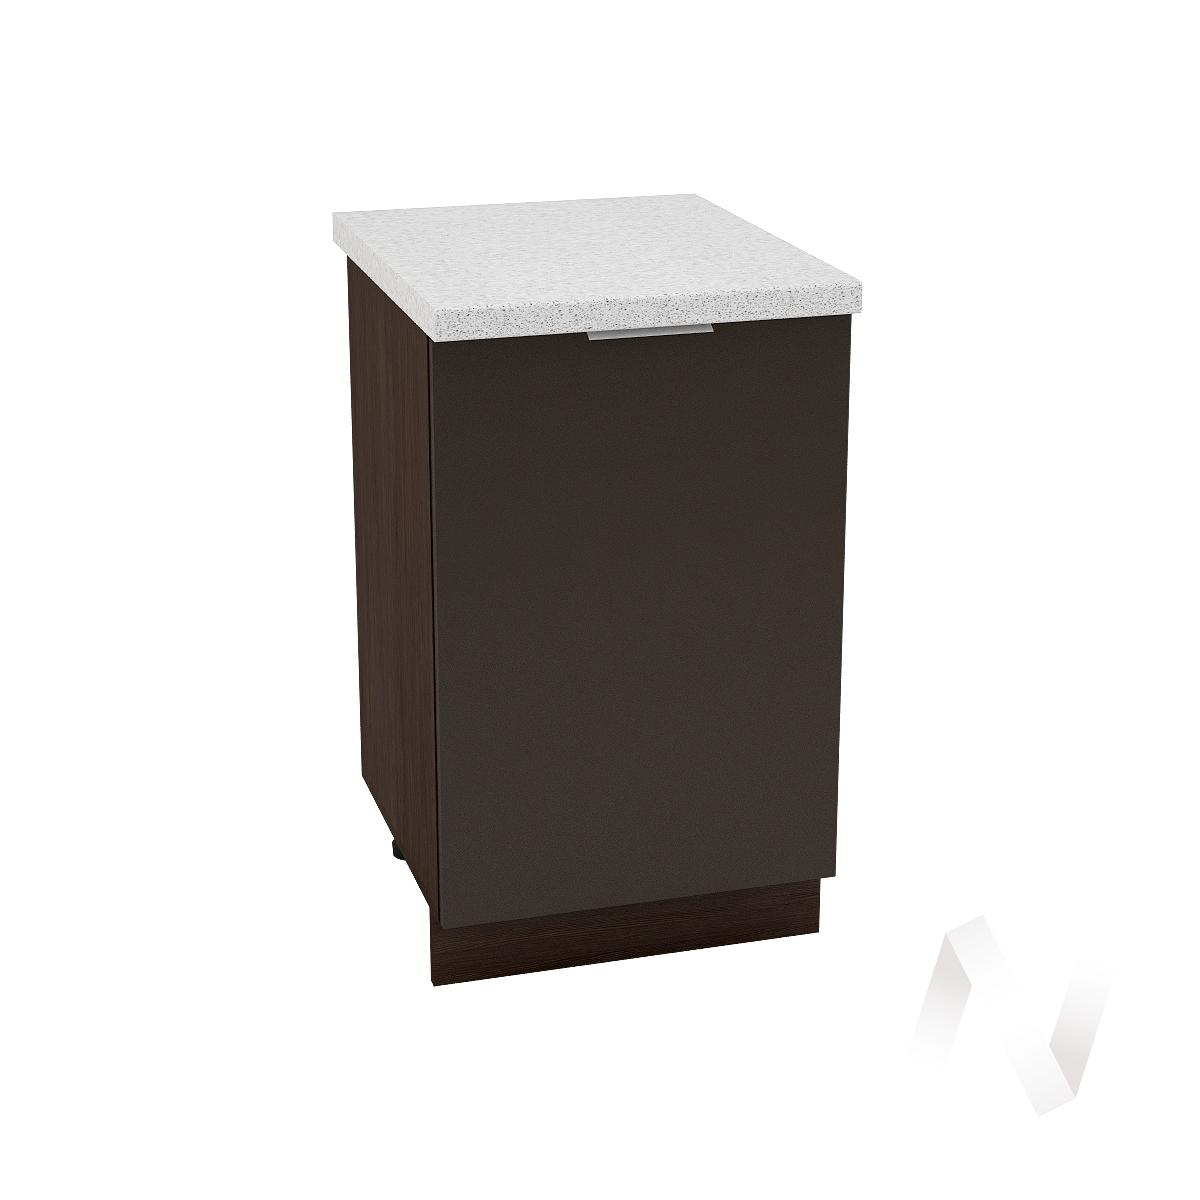 """Кухня """"Терра"""": Шкаф нижний 500, ШН 500 (смоки софт/корпус венге) в Томске — авторская мебель Экостиль"""